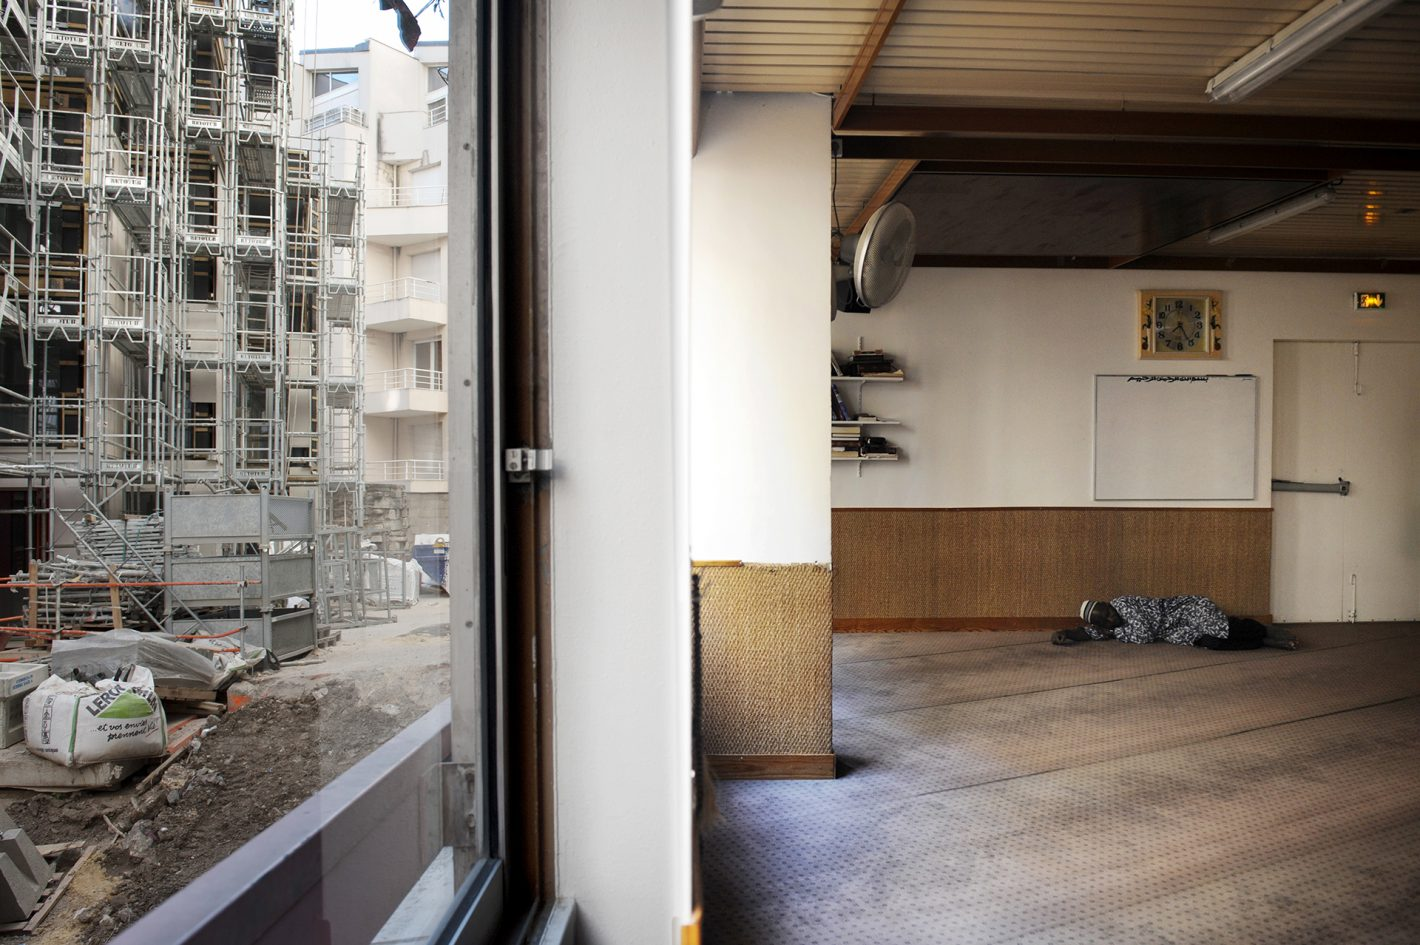 Salle de prière dans le foyer. Ce foyer doit fermer en décembre 2016. Par la fenêtre, on aperçoit la future Résidence Sociale en chantier qui accueillera une partie des résidents. Dans les résidences sociales, les espaces communs sont réduits au minimum voire supprimés. Il n'y aura plus de salle de prière, ce que déplorent les délégués du foyer Senghor. Ils essaient de négocier avec Adoma pour en avoir une. Foyer de Travailleurs Migrants Senghor, Paris 13ème, 7 juillet 2016.